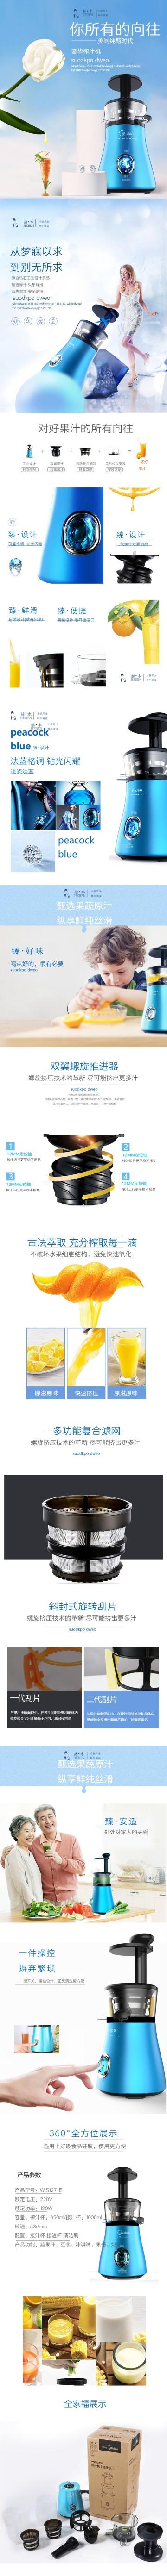 简约大气百货零售家居生活家电榨汁机促销电商详情页